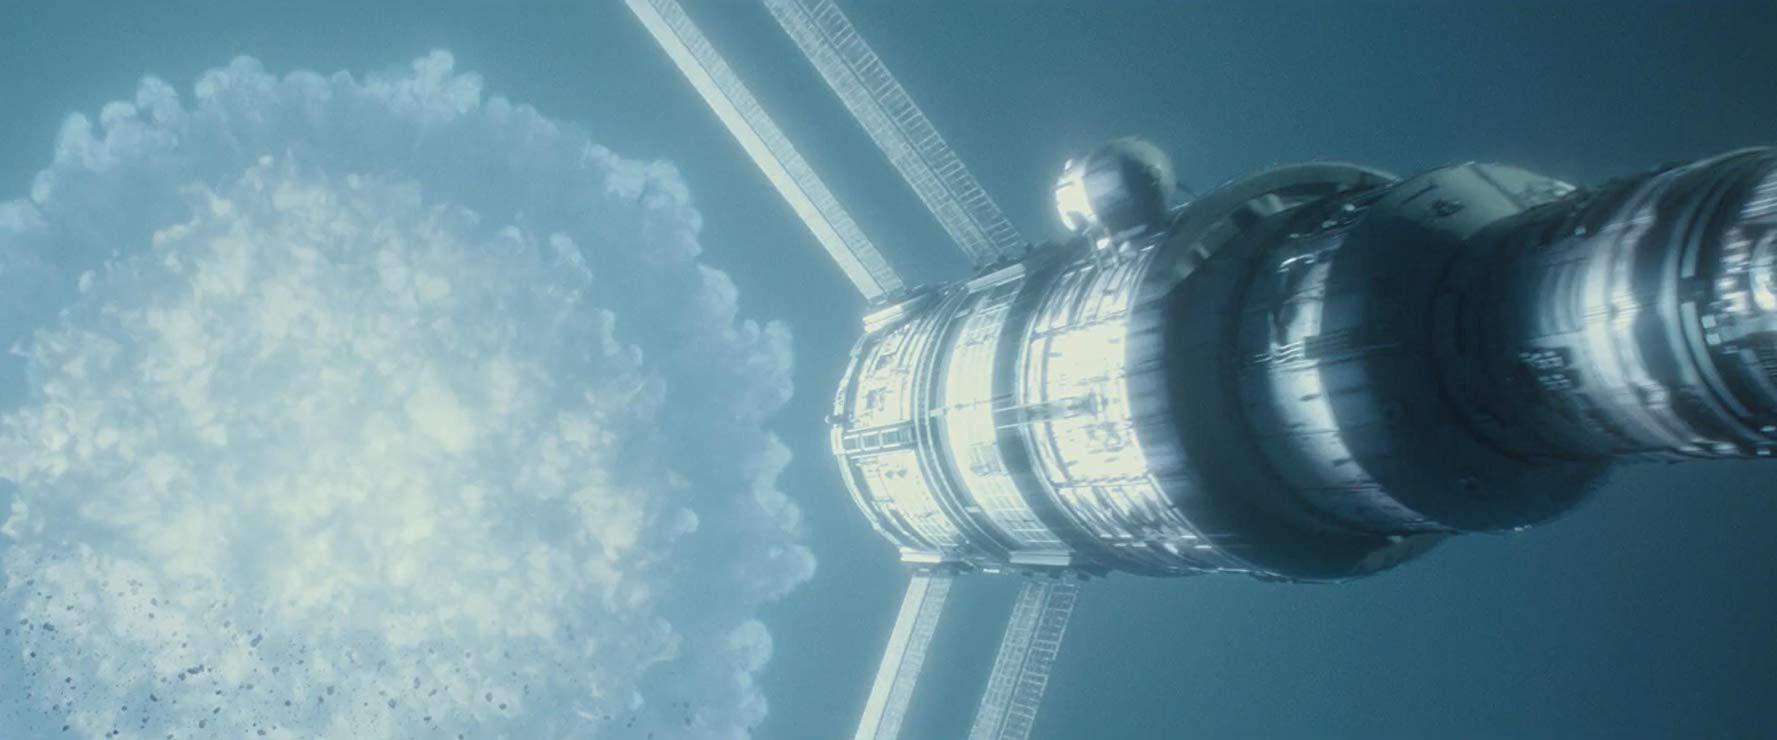 Ad Astra – Hành trình tìm cha trong không gian bí ẩn và kịch tính của Brad Pitt - Ảnh 2.